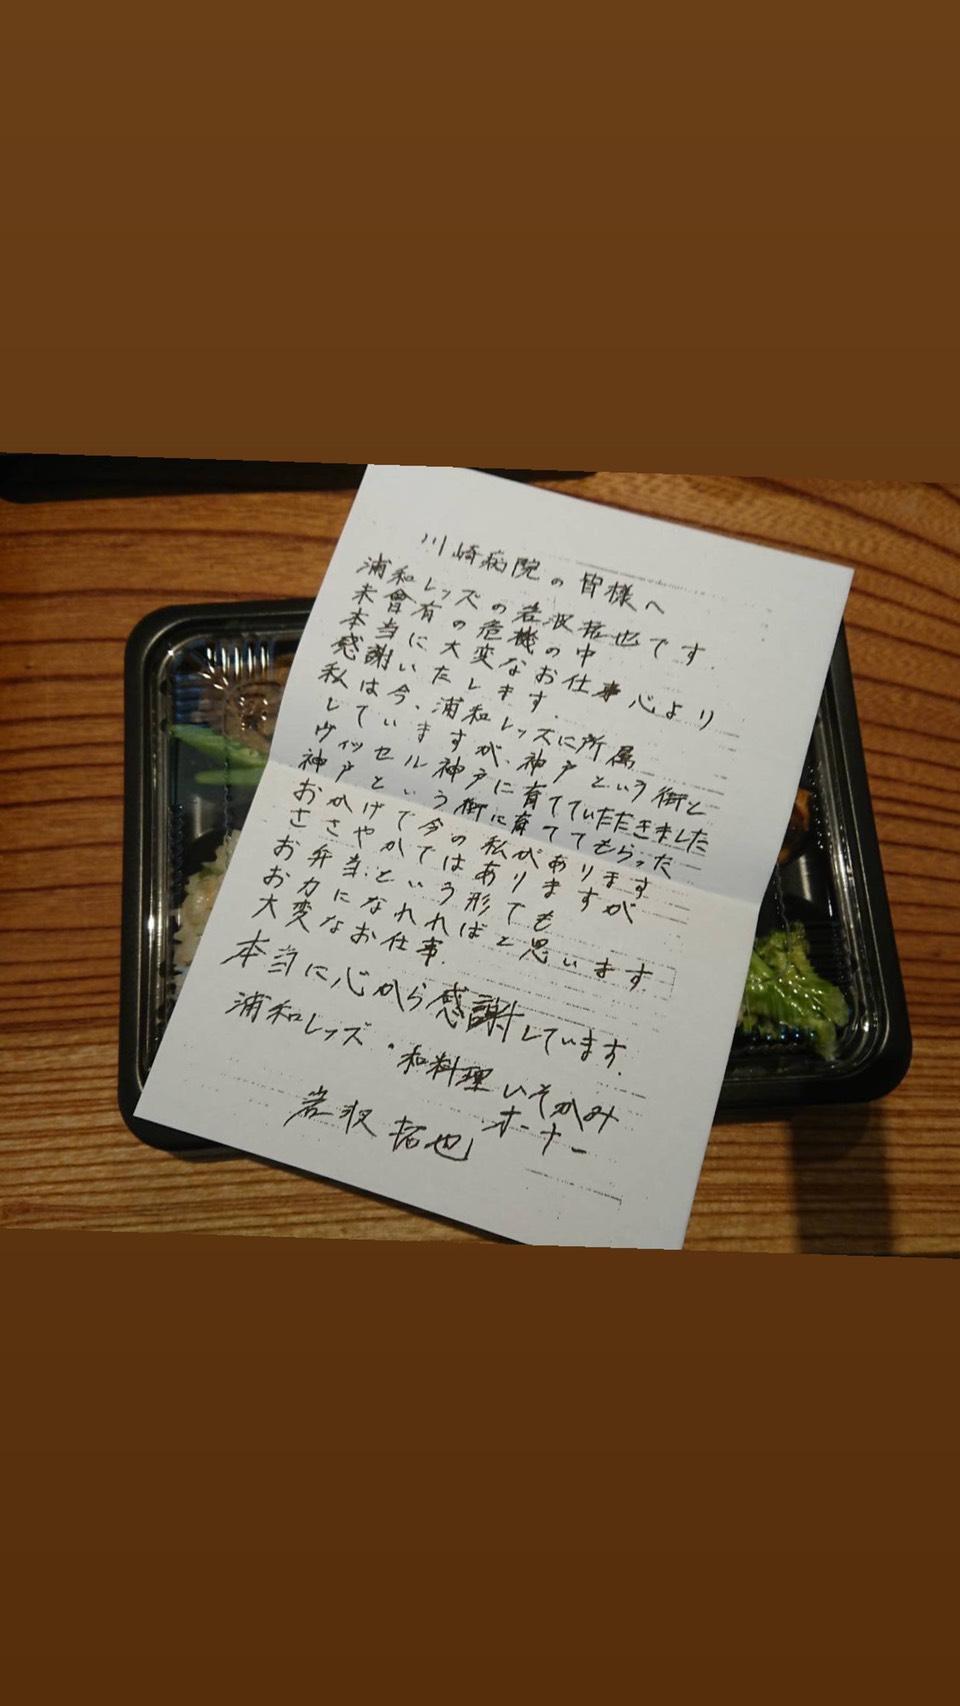 浦和DF岩波は自筆の手紙を添えて川崎病院へ支援の弁当を届けた